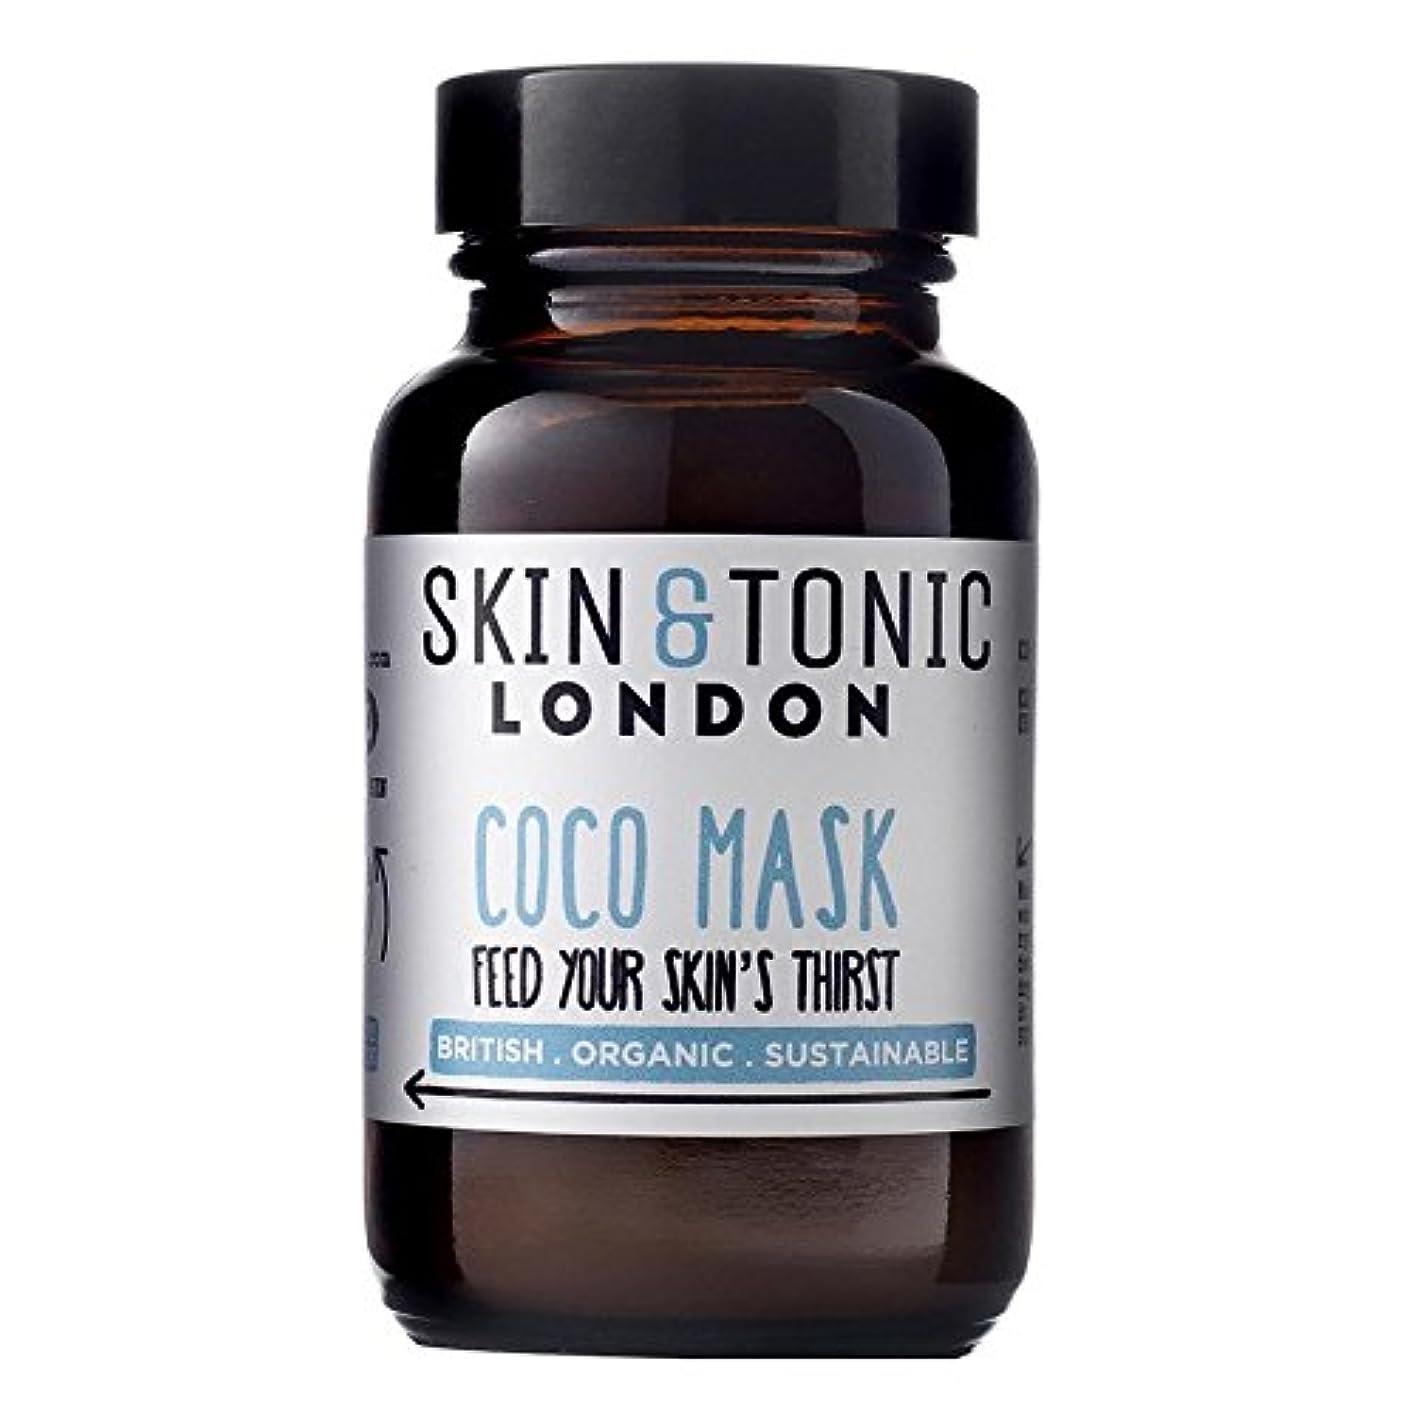 持参連鎖ピアノスキン&トニックロンドンココマスク50グラム x2 - Skin & Tonic London Coco Mask 50g (Pack of 2) [並行輸入品]